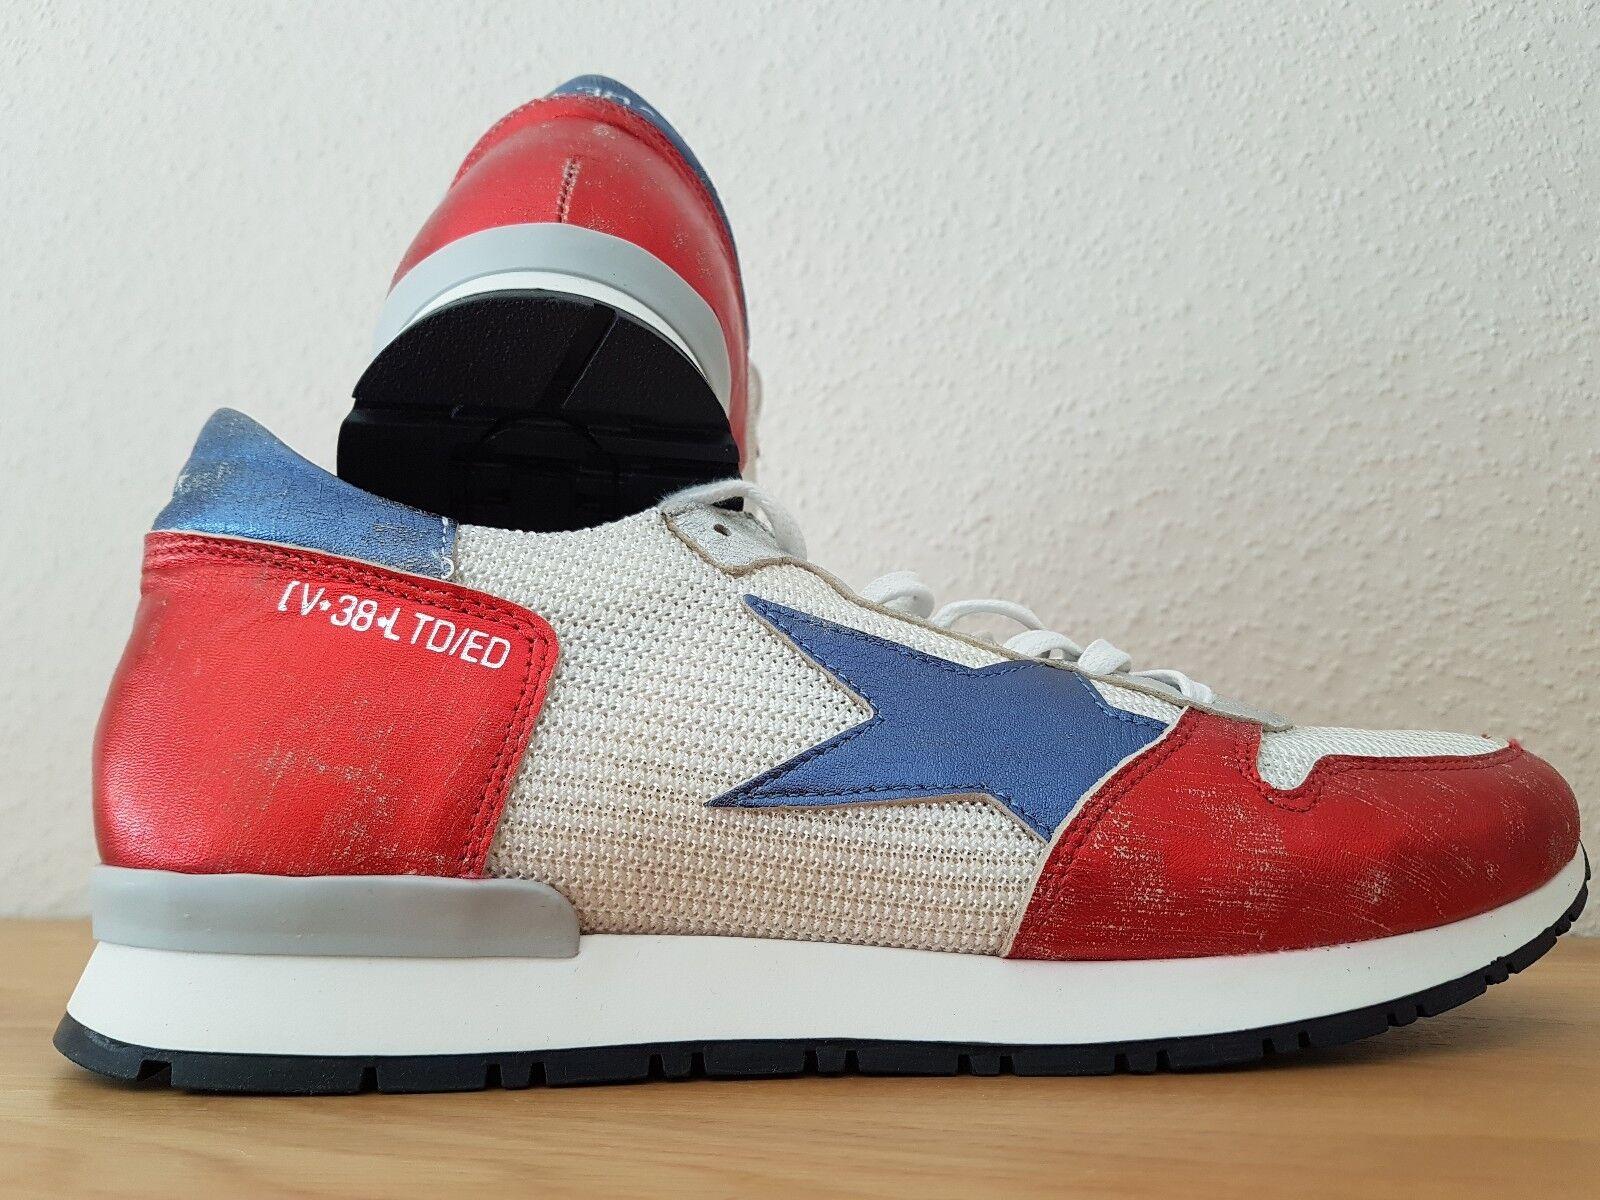 Adidas NMD_CS1 PK S79152 BOOST 2016 Primeknit Sneaker Gr. UK 10 Neu Limitiert